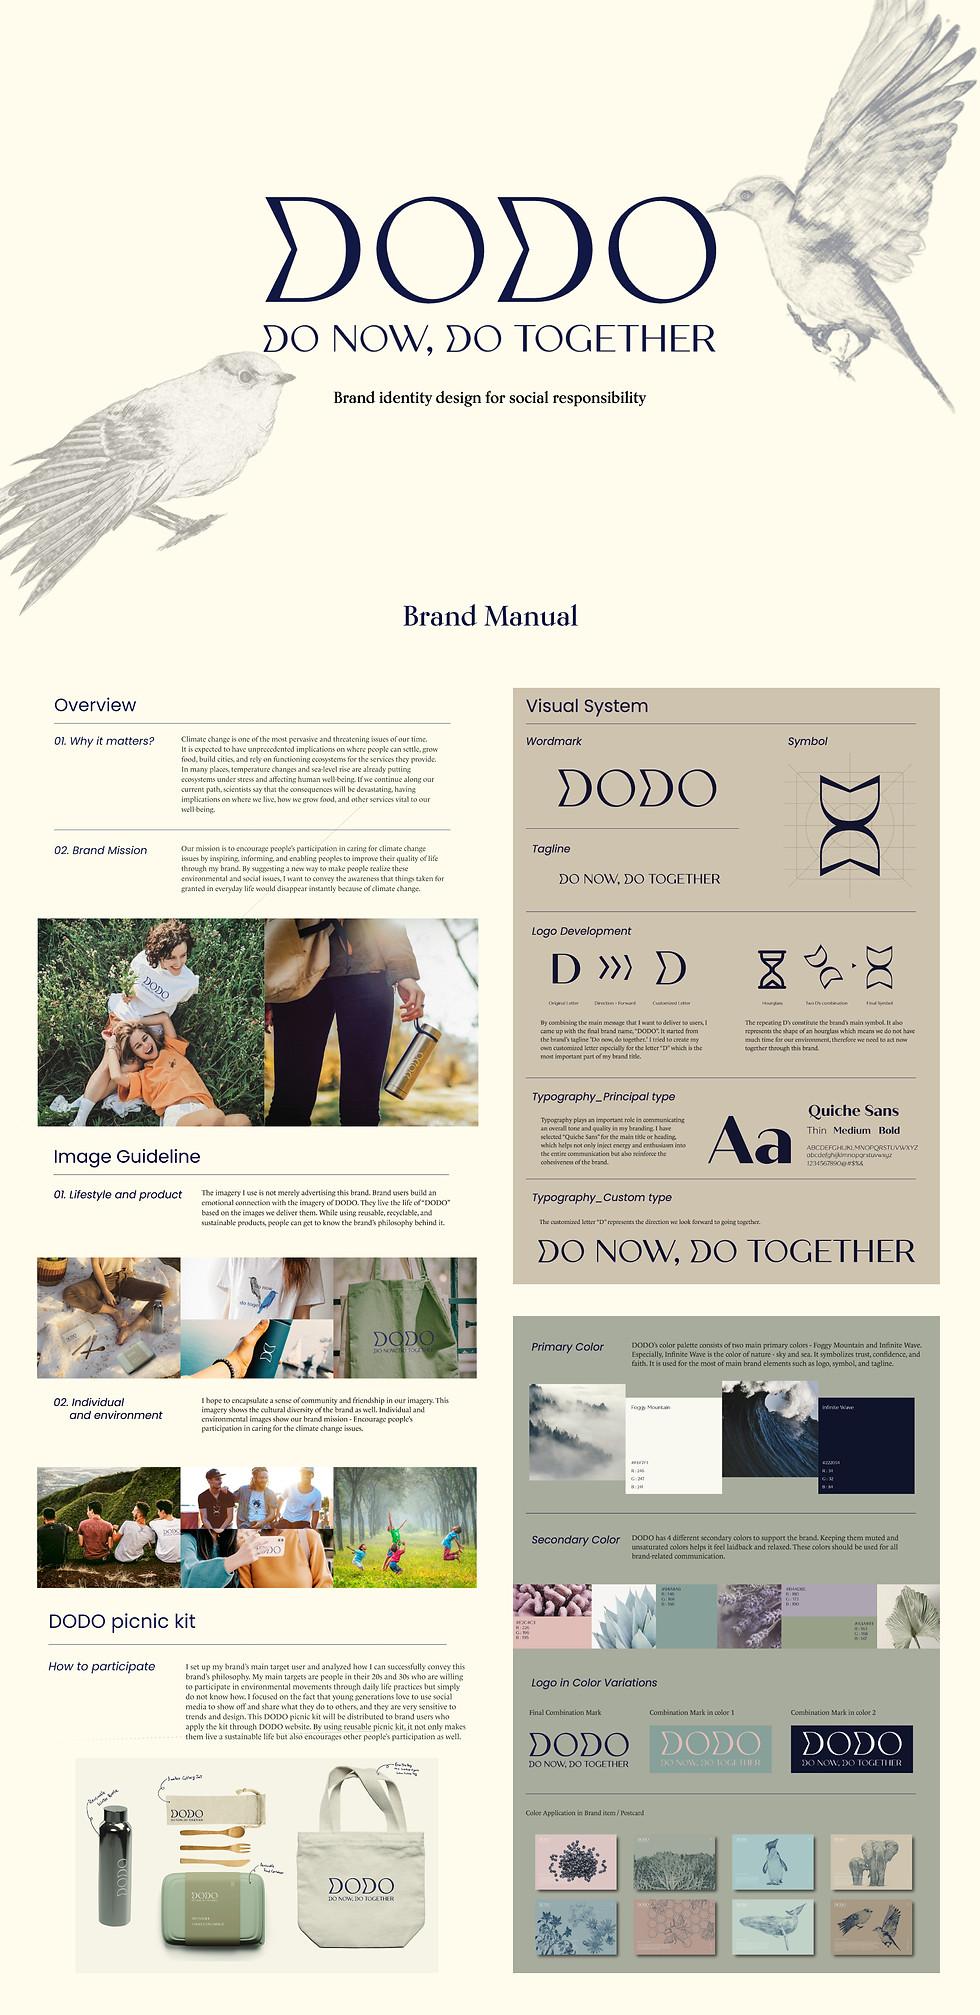 DODO_portfolio upload@2x.jpg